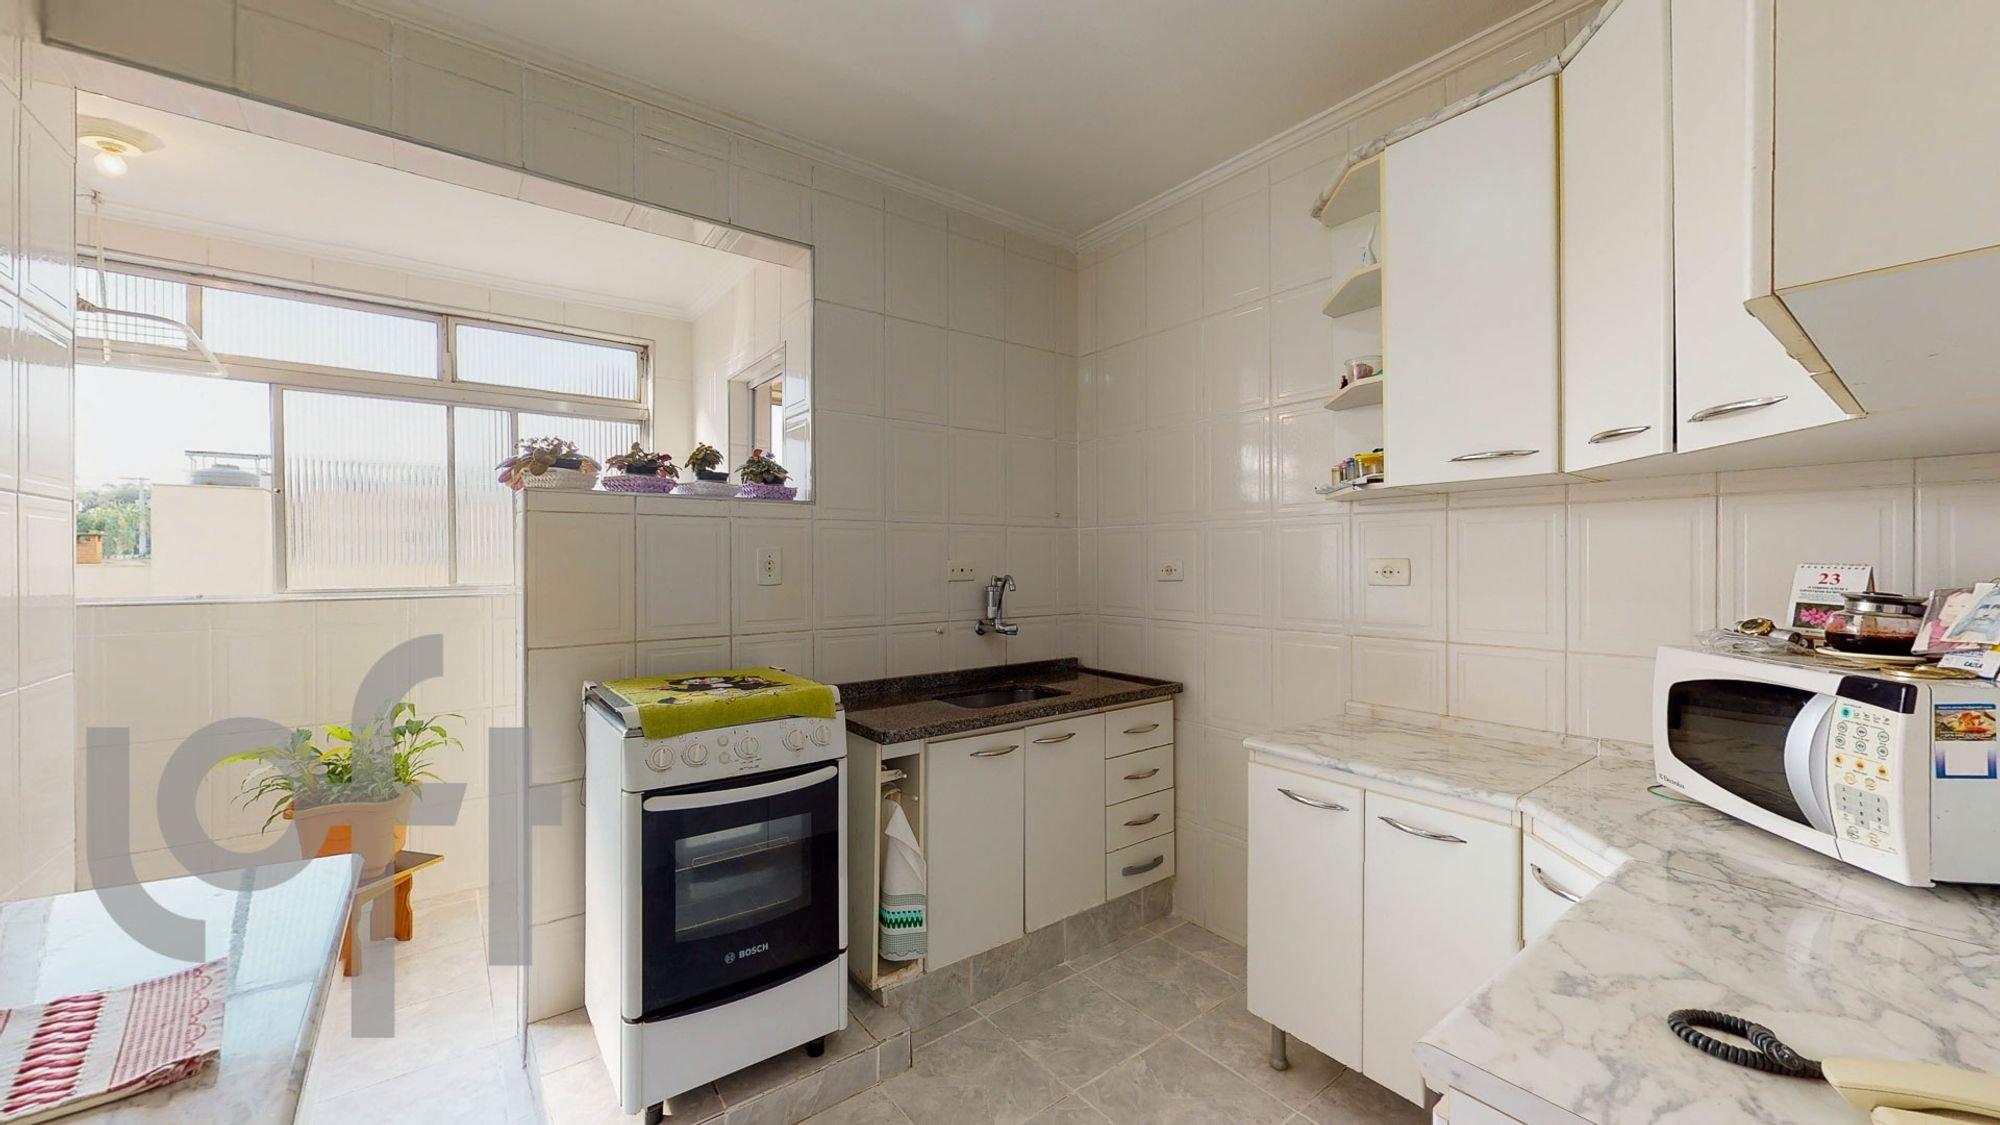 Foto de Cozinha com vaso de planta, faca, forno, microondas